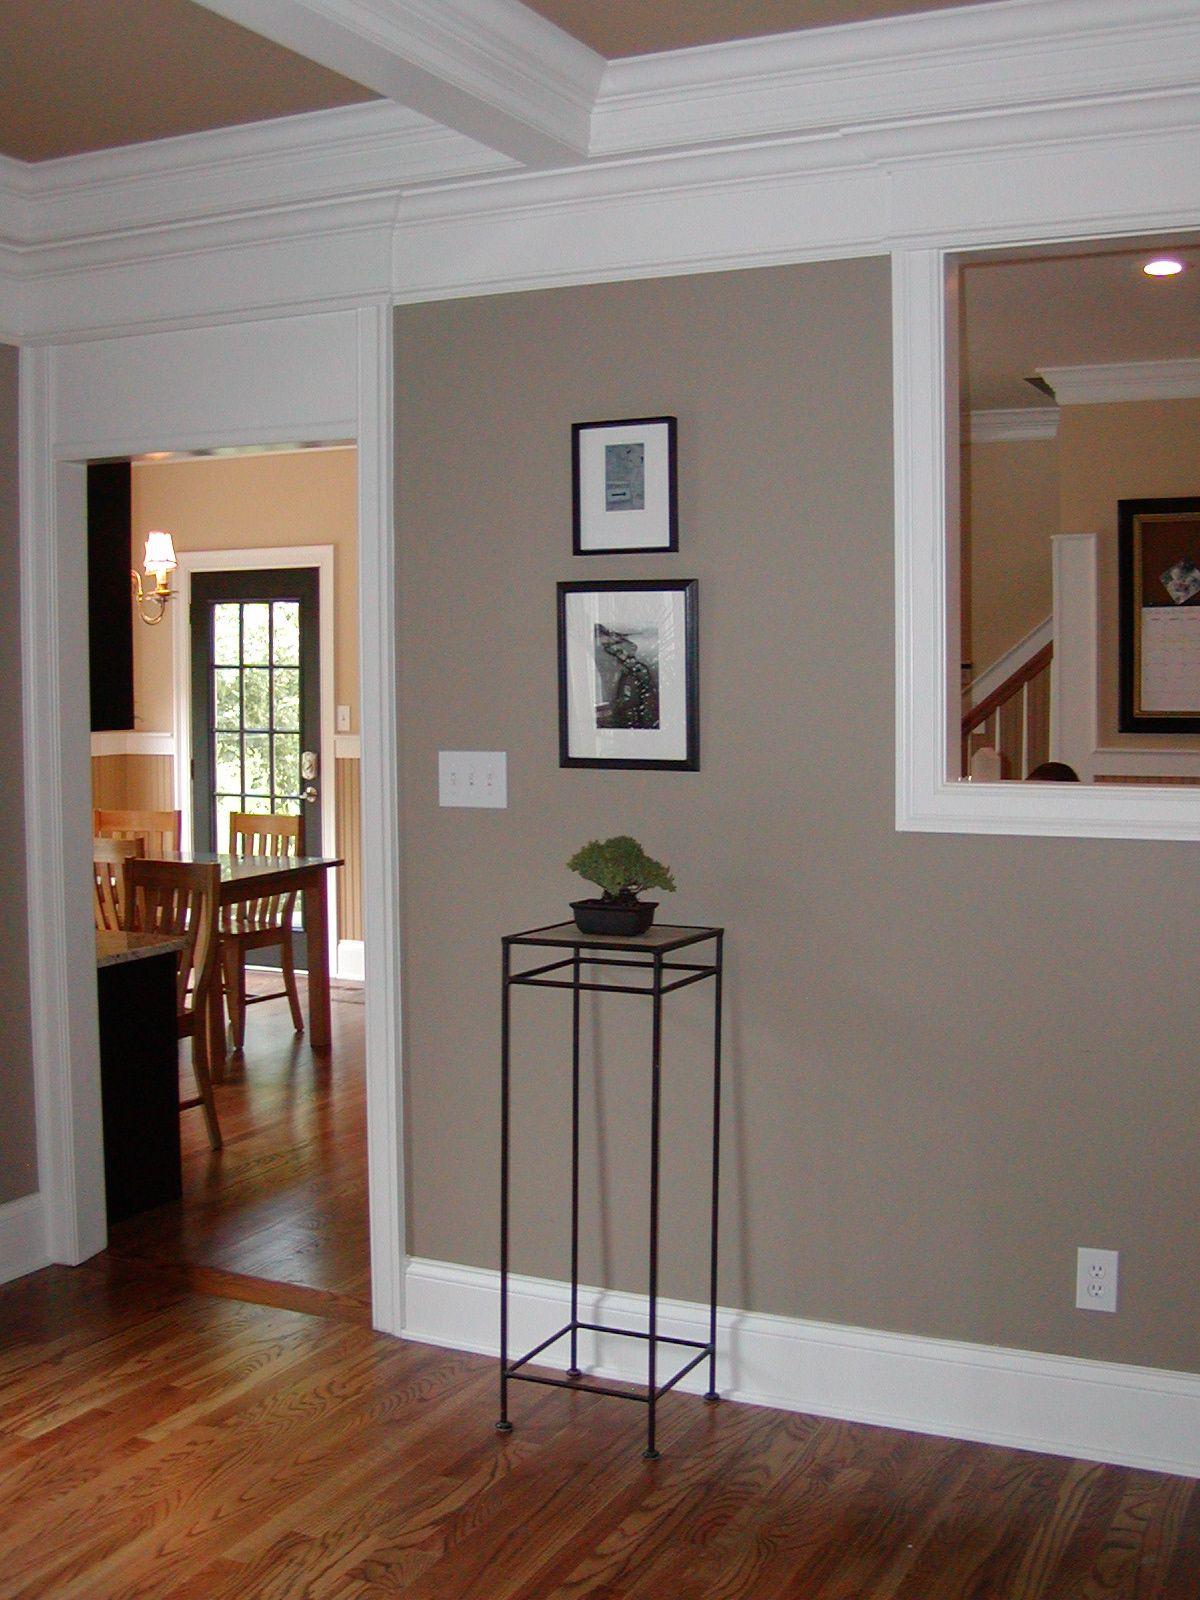 Suelo madera rodapi blanco ancho pared oscura ideas - Ideas para pintar un piso ...